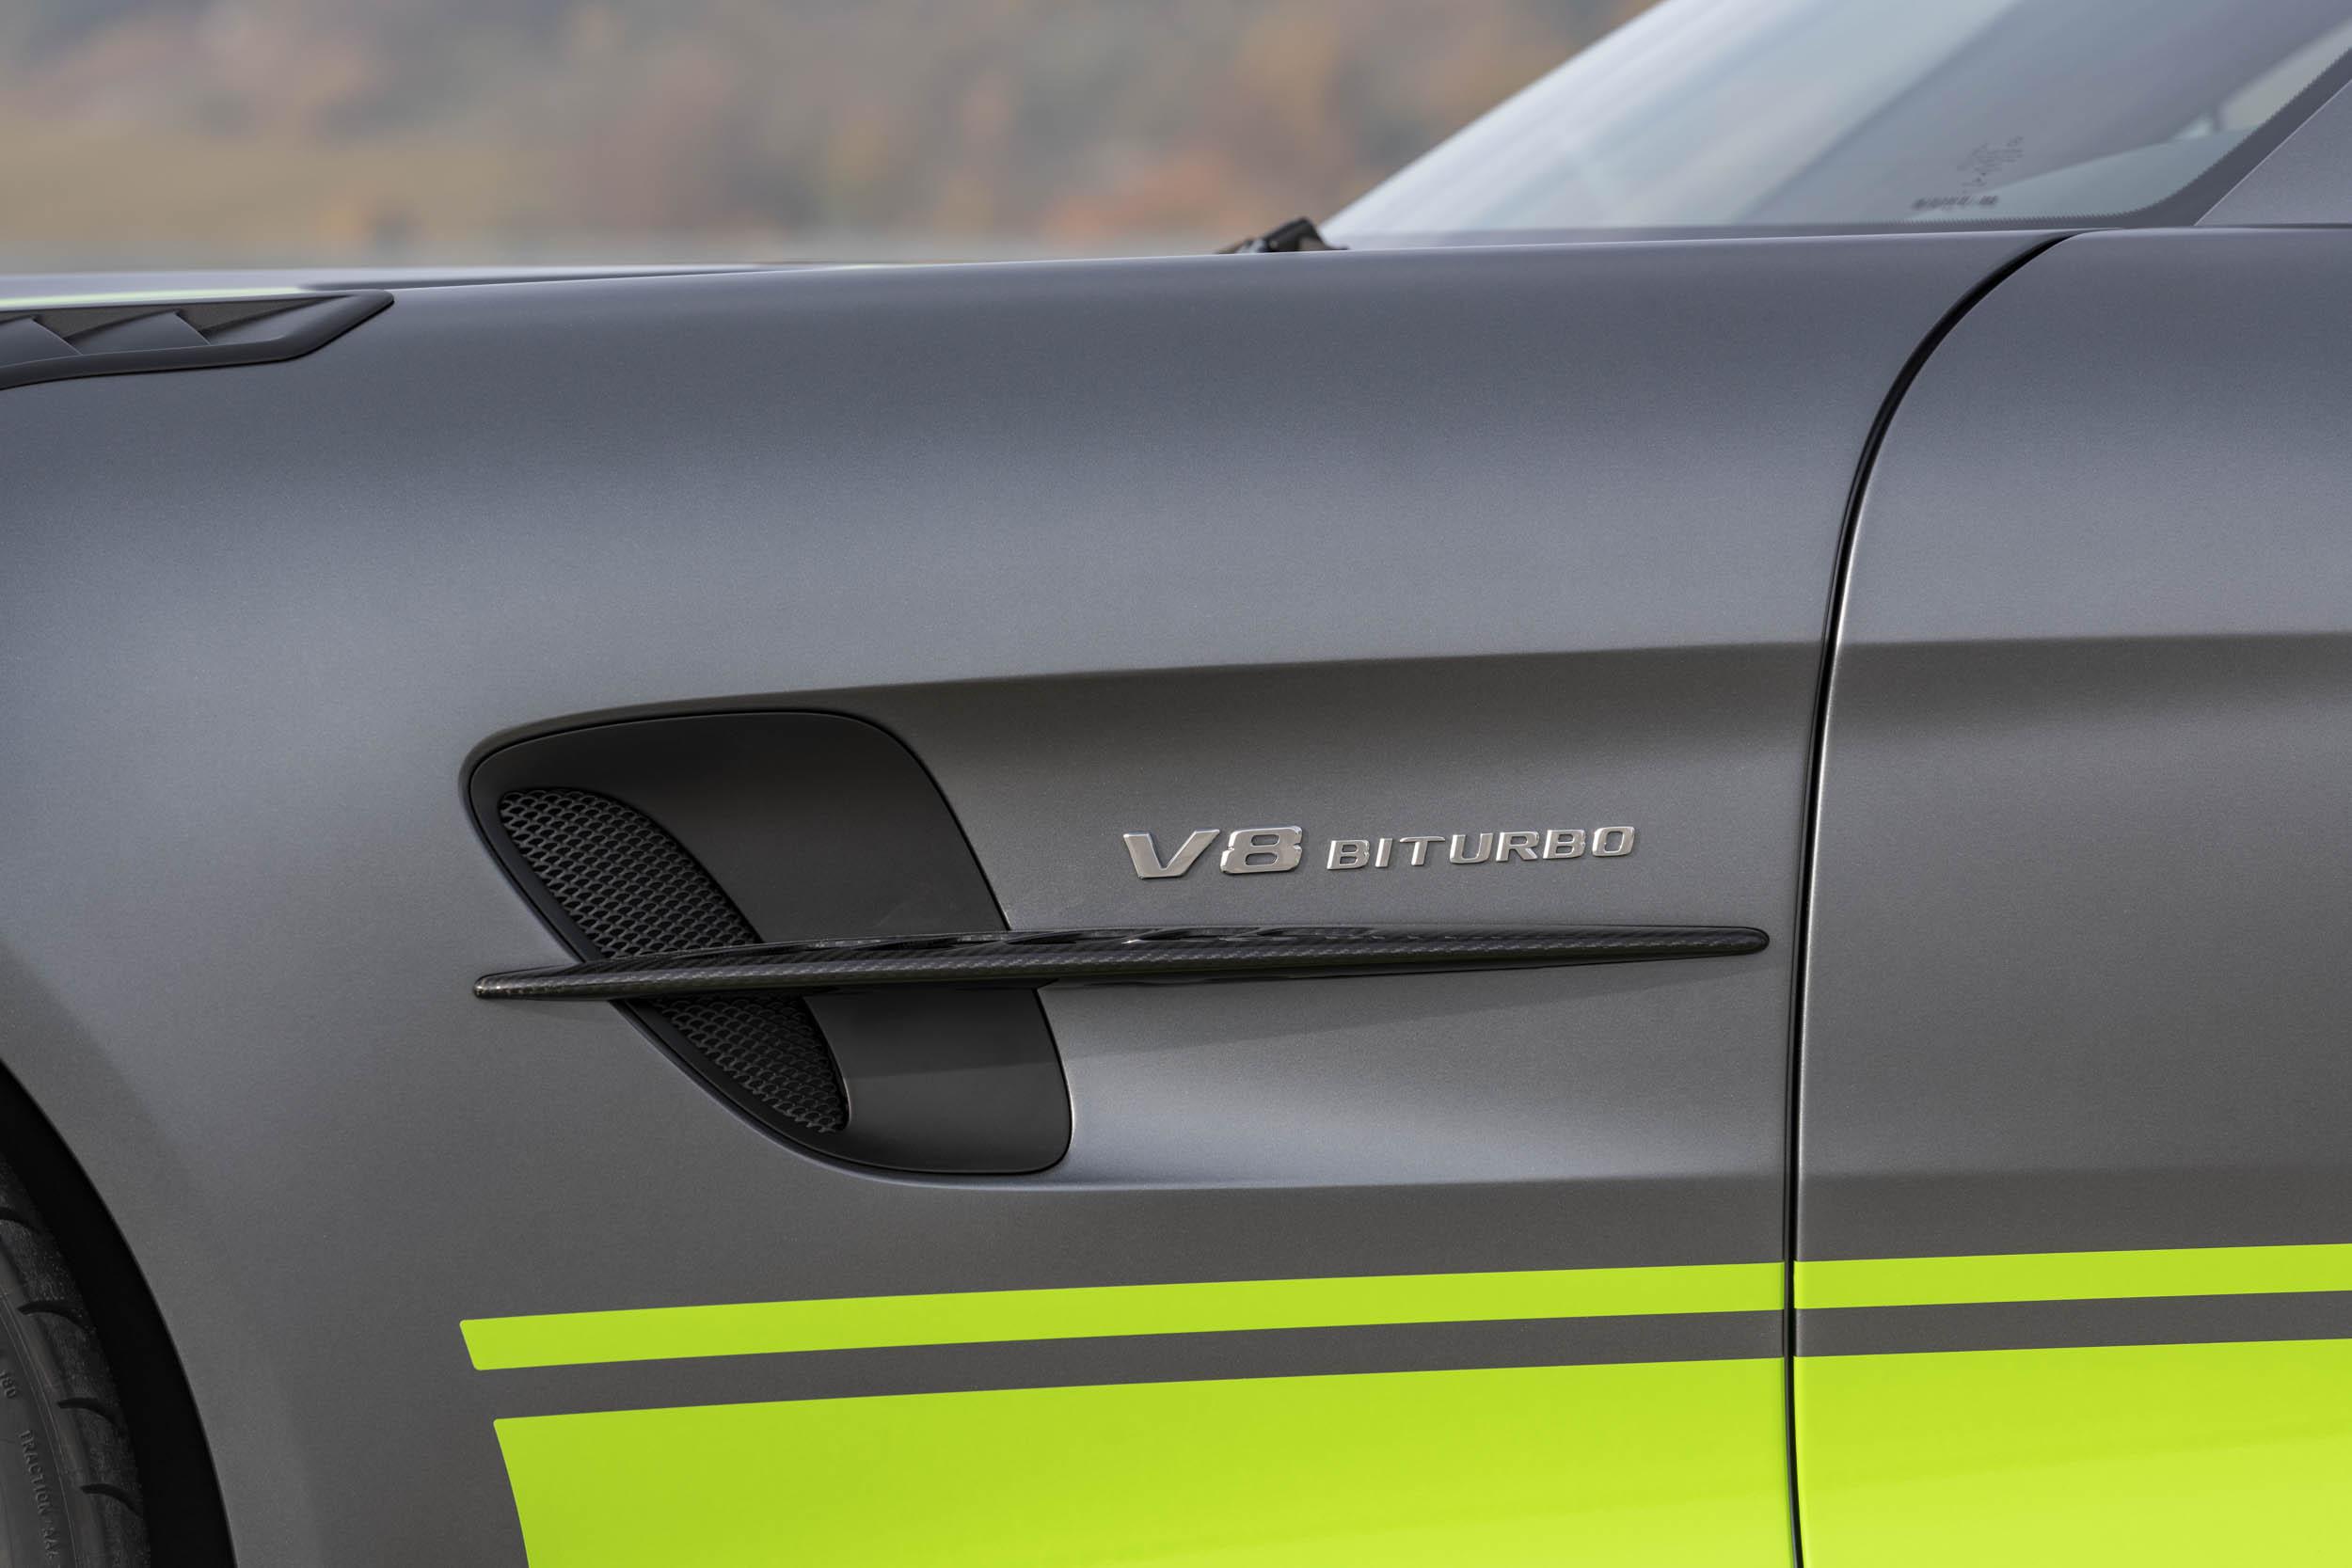 Mercedes-AMG GT R Pro V8 Biturbo badge